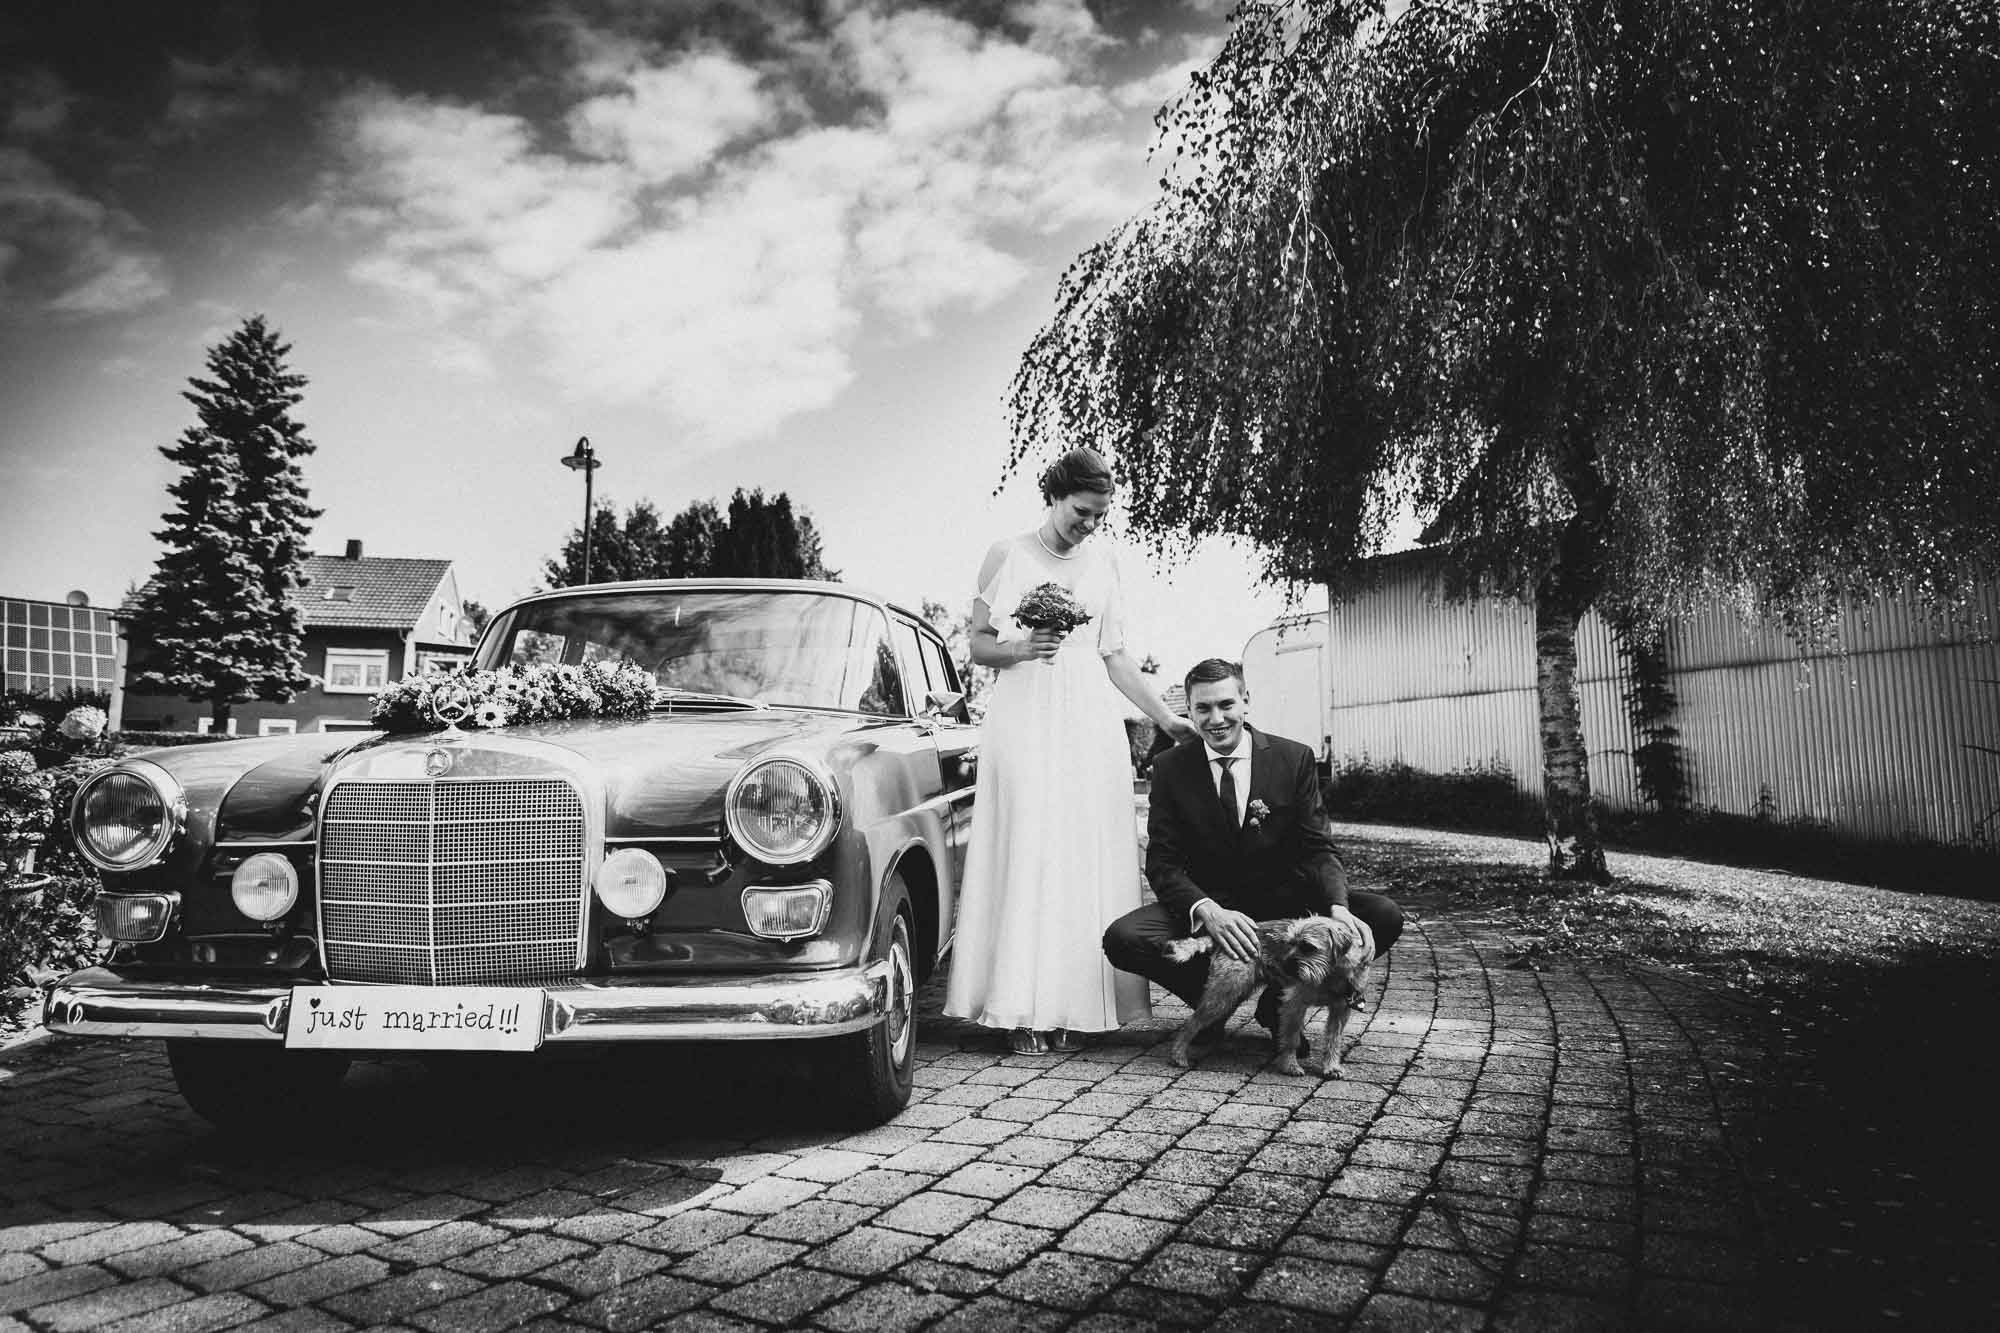 Hochzeitsreportage-Crailsheim-Krystina-Stefan-4